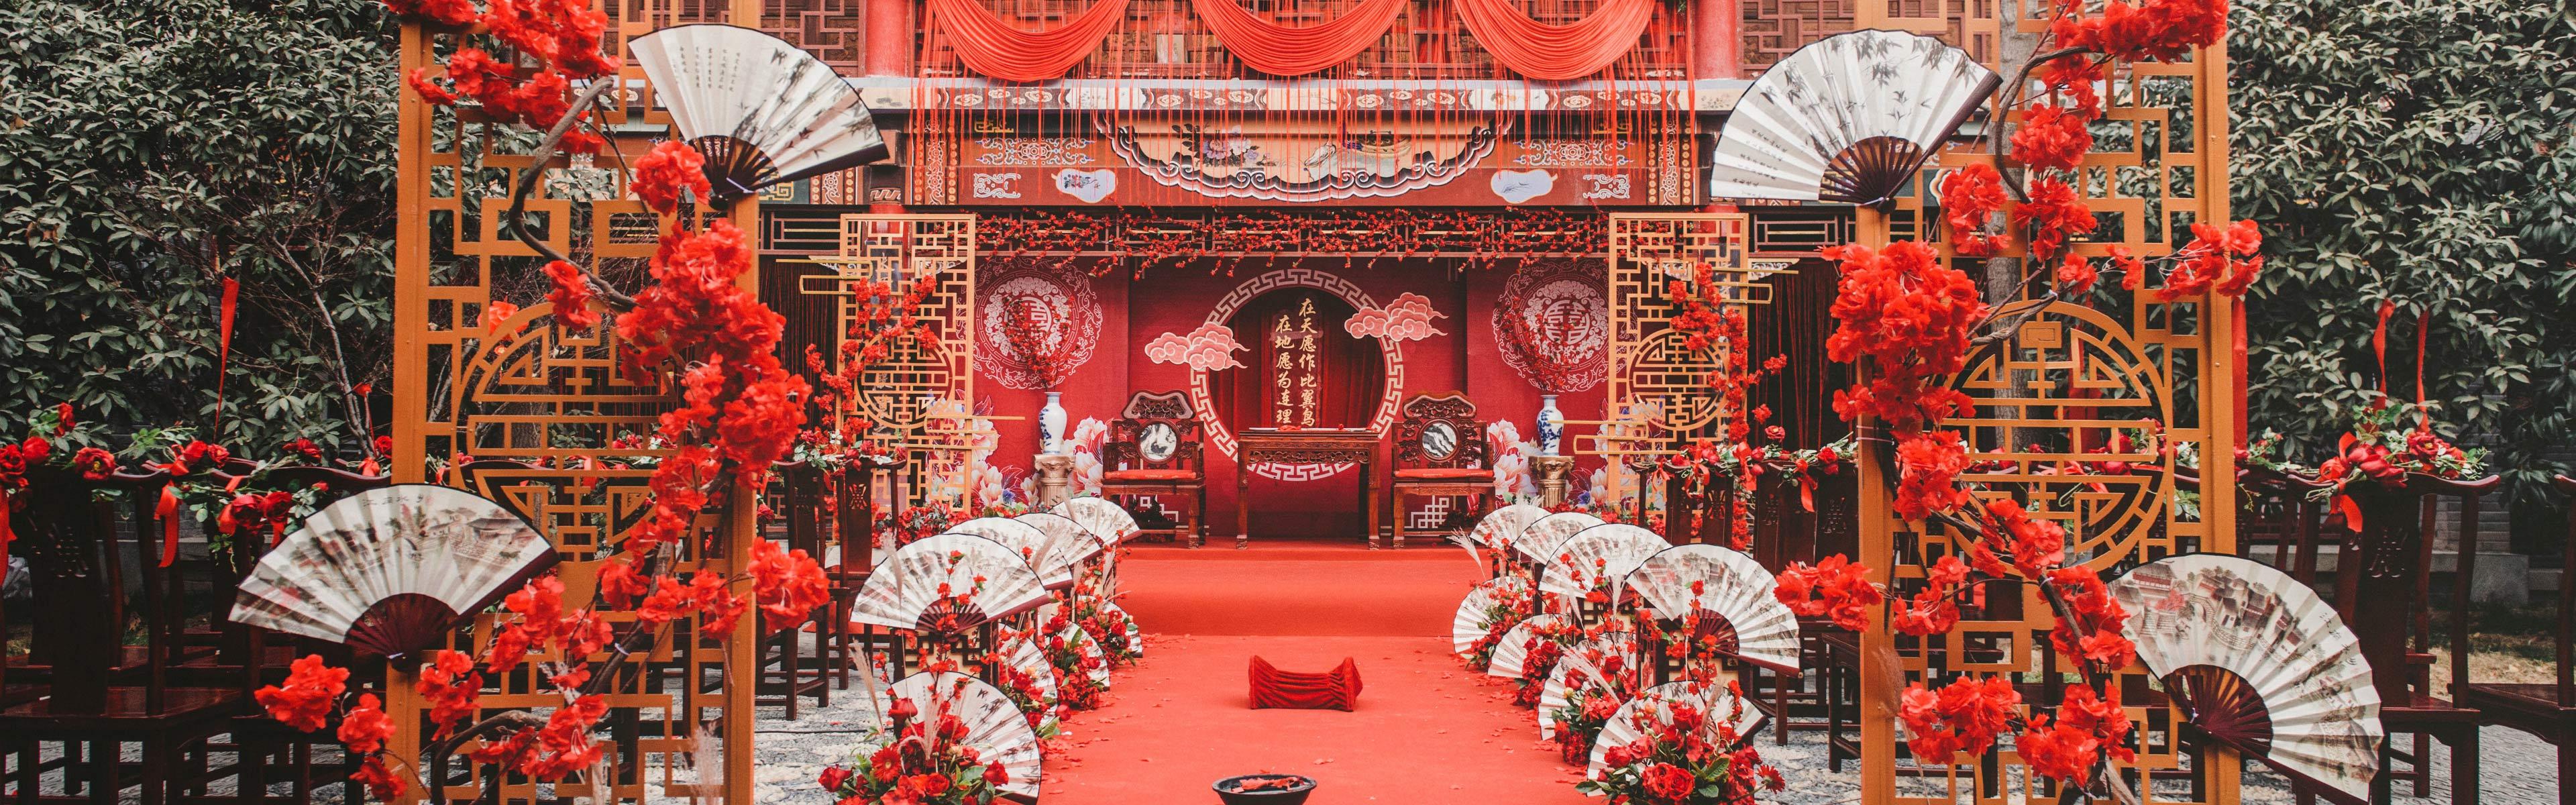 兴宁婚庆策划案例:最美婚礼 第9期 | 河南 郑州